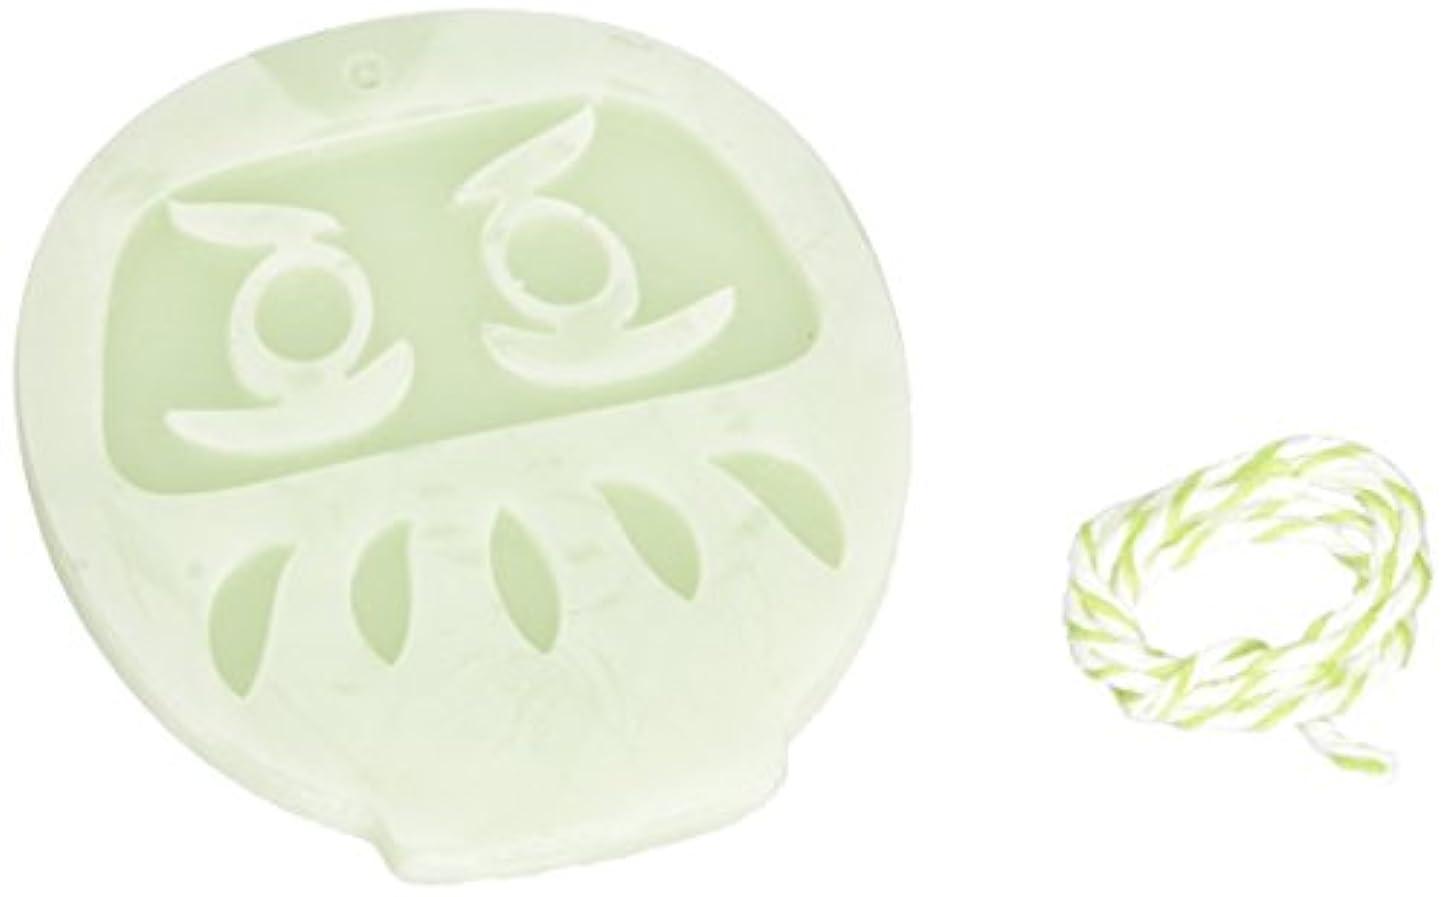 お香バラバラにする文法GRASSE TOKYO AROMATICWAXチャーム「だるま」(GR) レモングラス アロマティックワックス グラーストウキョウ